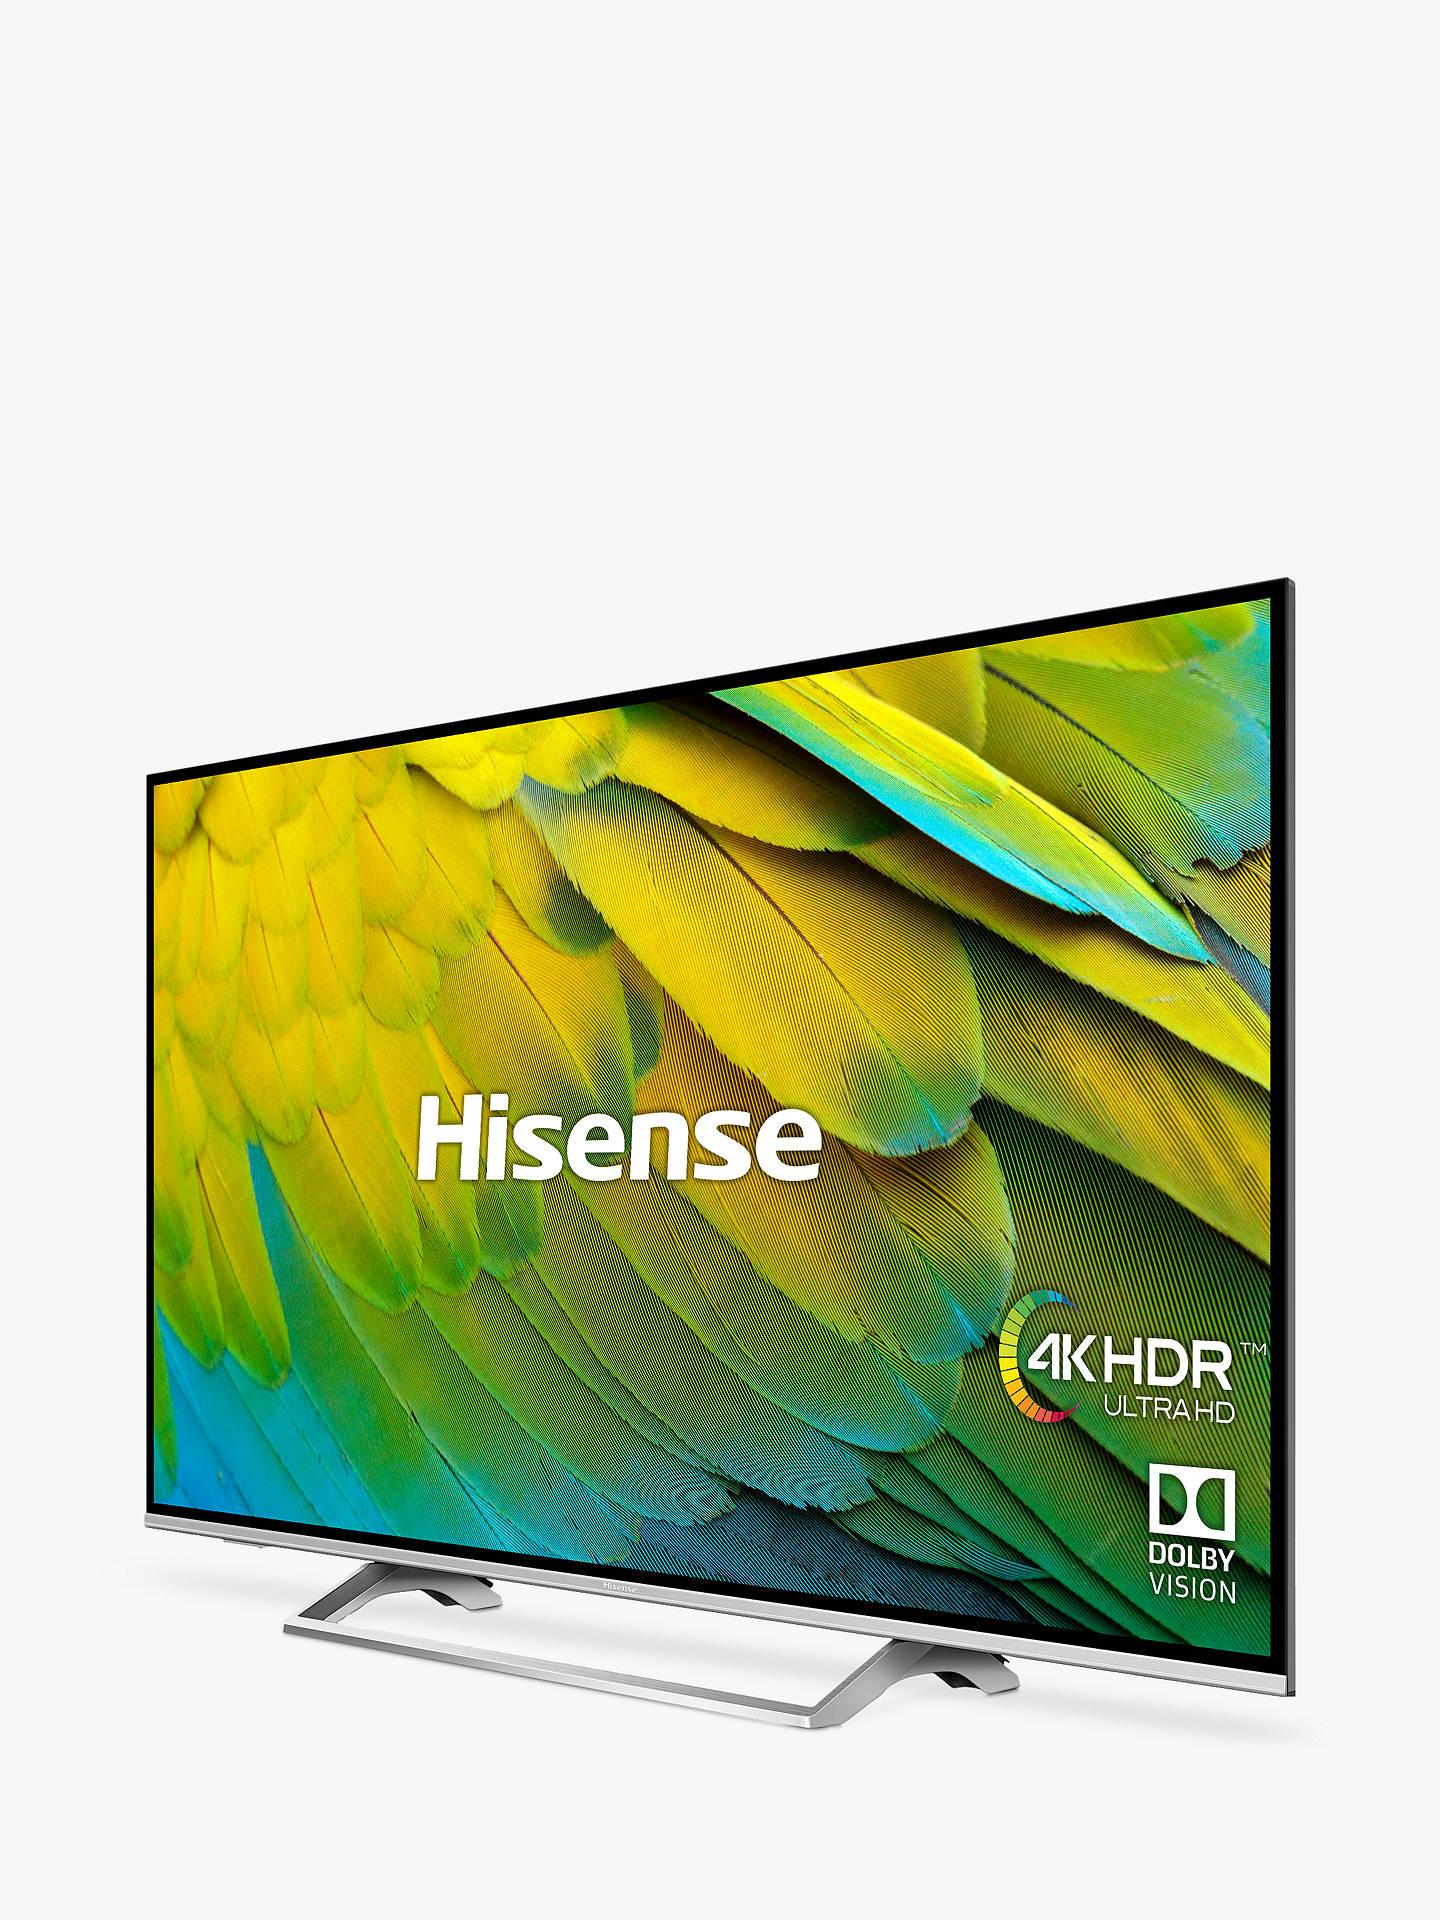 Hisense H65B7500UK (2019) LED HDR 4K Ultra HD Smart TV, 65